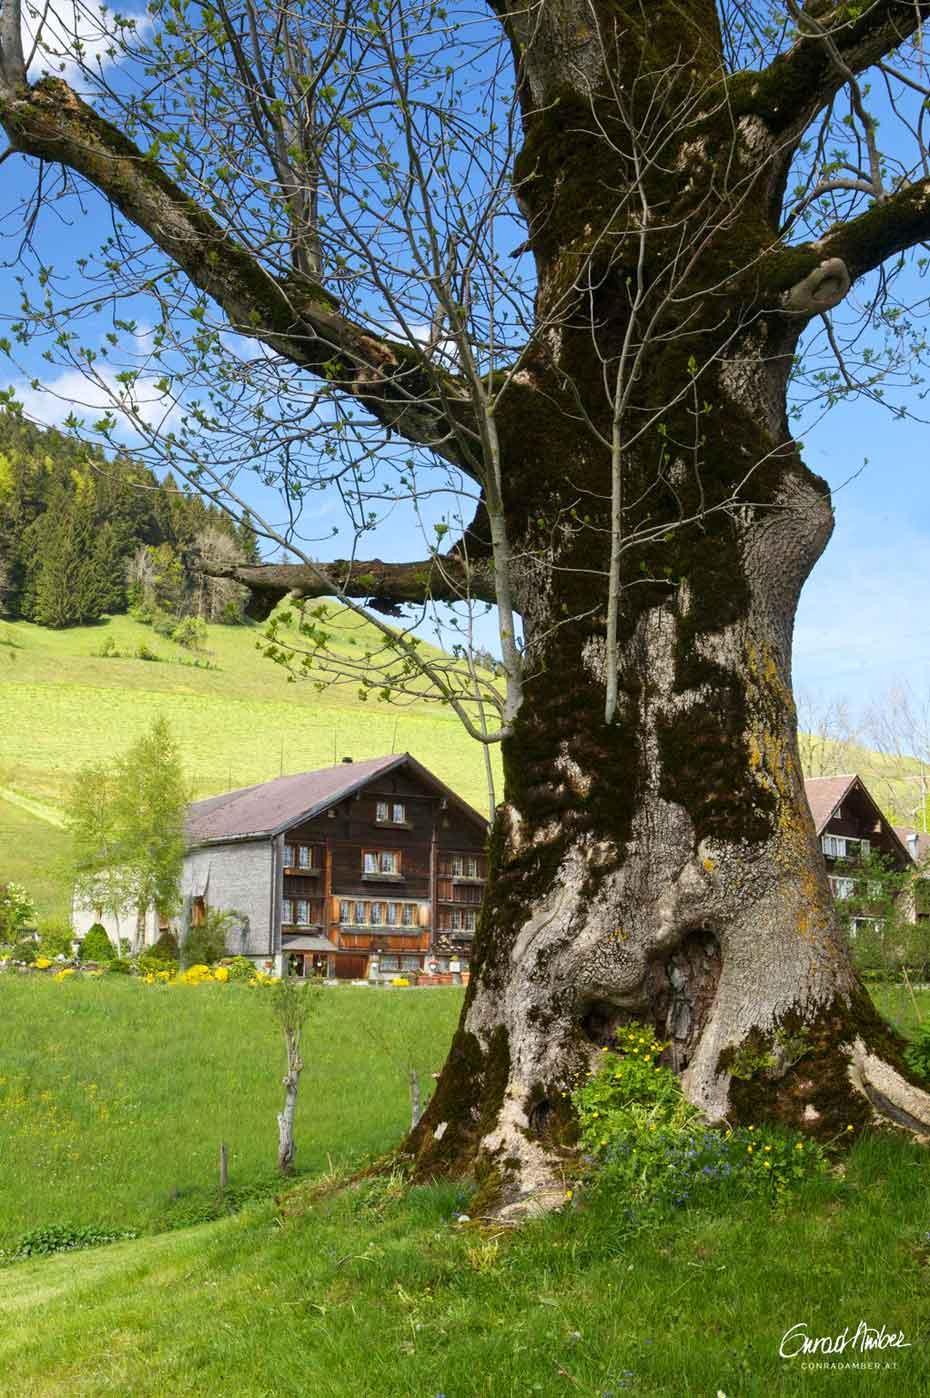 Alte Esche in der Nähe eines Bauernhofs im Appenzell, Schweiz